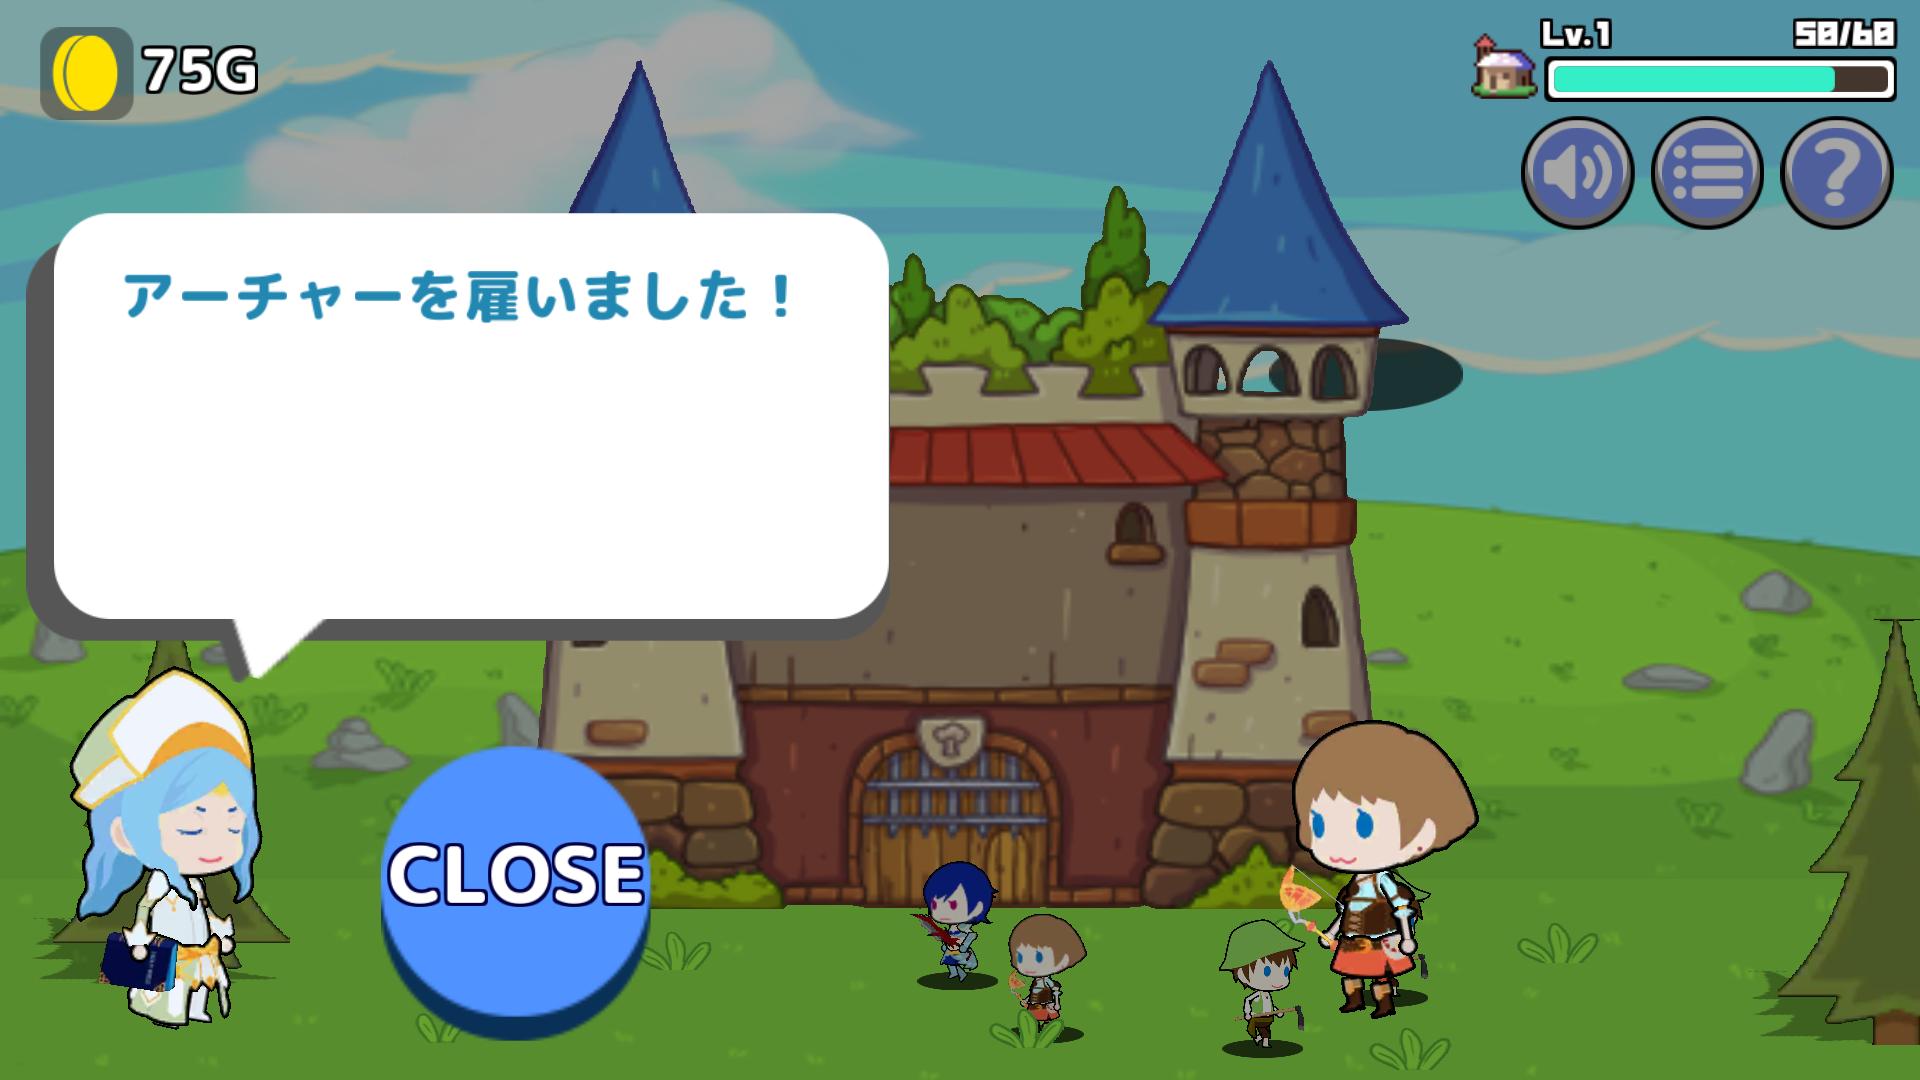 androidアプリ 乱闘!ゴチャキャラうぉーず攻略スクリーンショット4